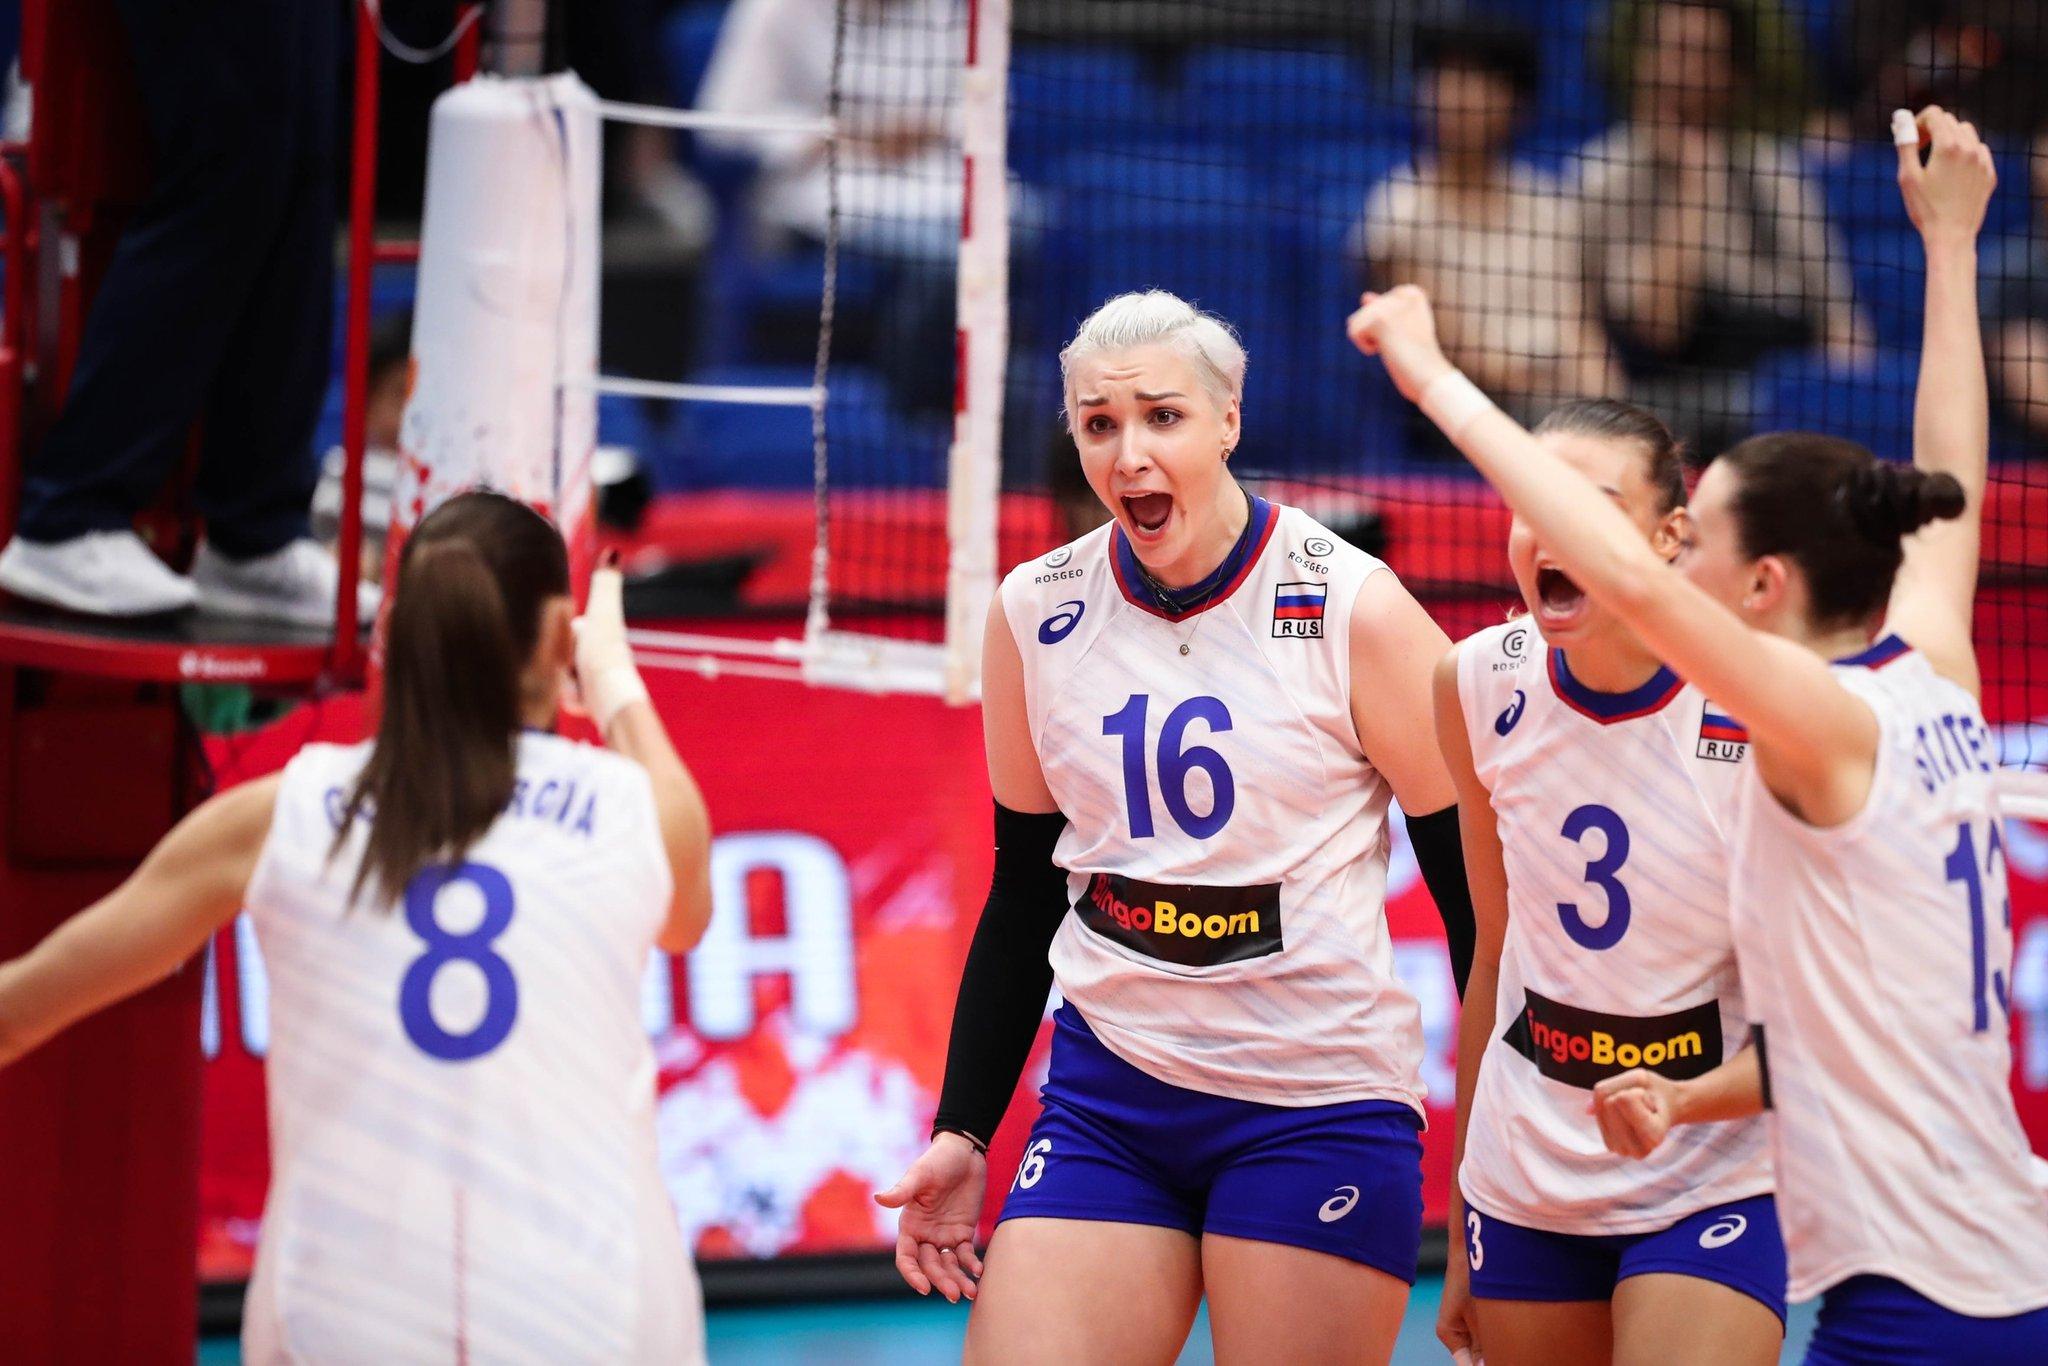 сборная россии по волейболу женская состав фото невозможно себе представить